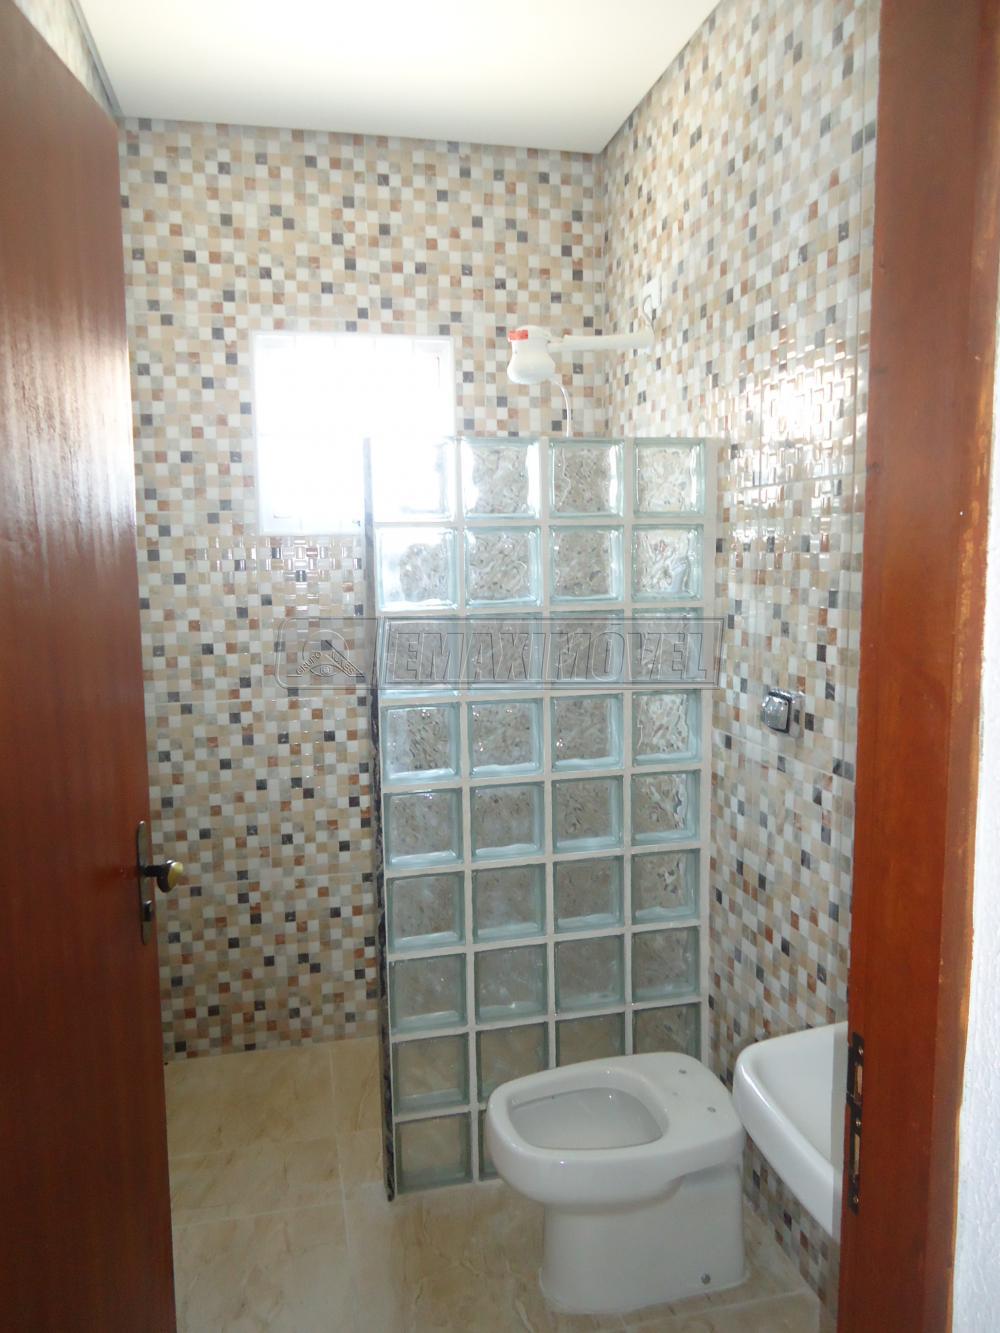 Alugar Casas / Comerciais em Sorocaba apenas R$ 2.000,00 - Foto 16